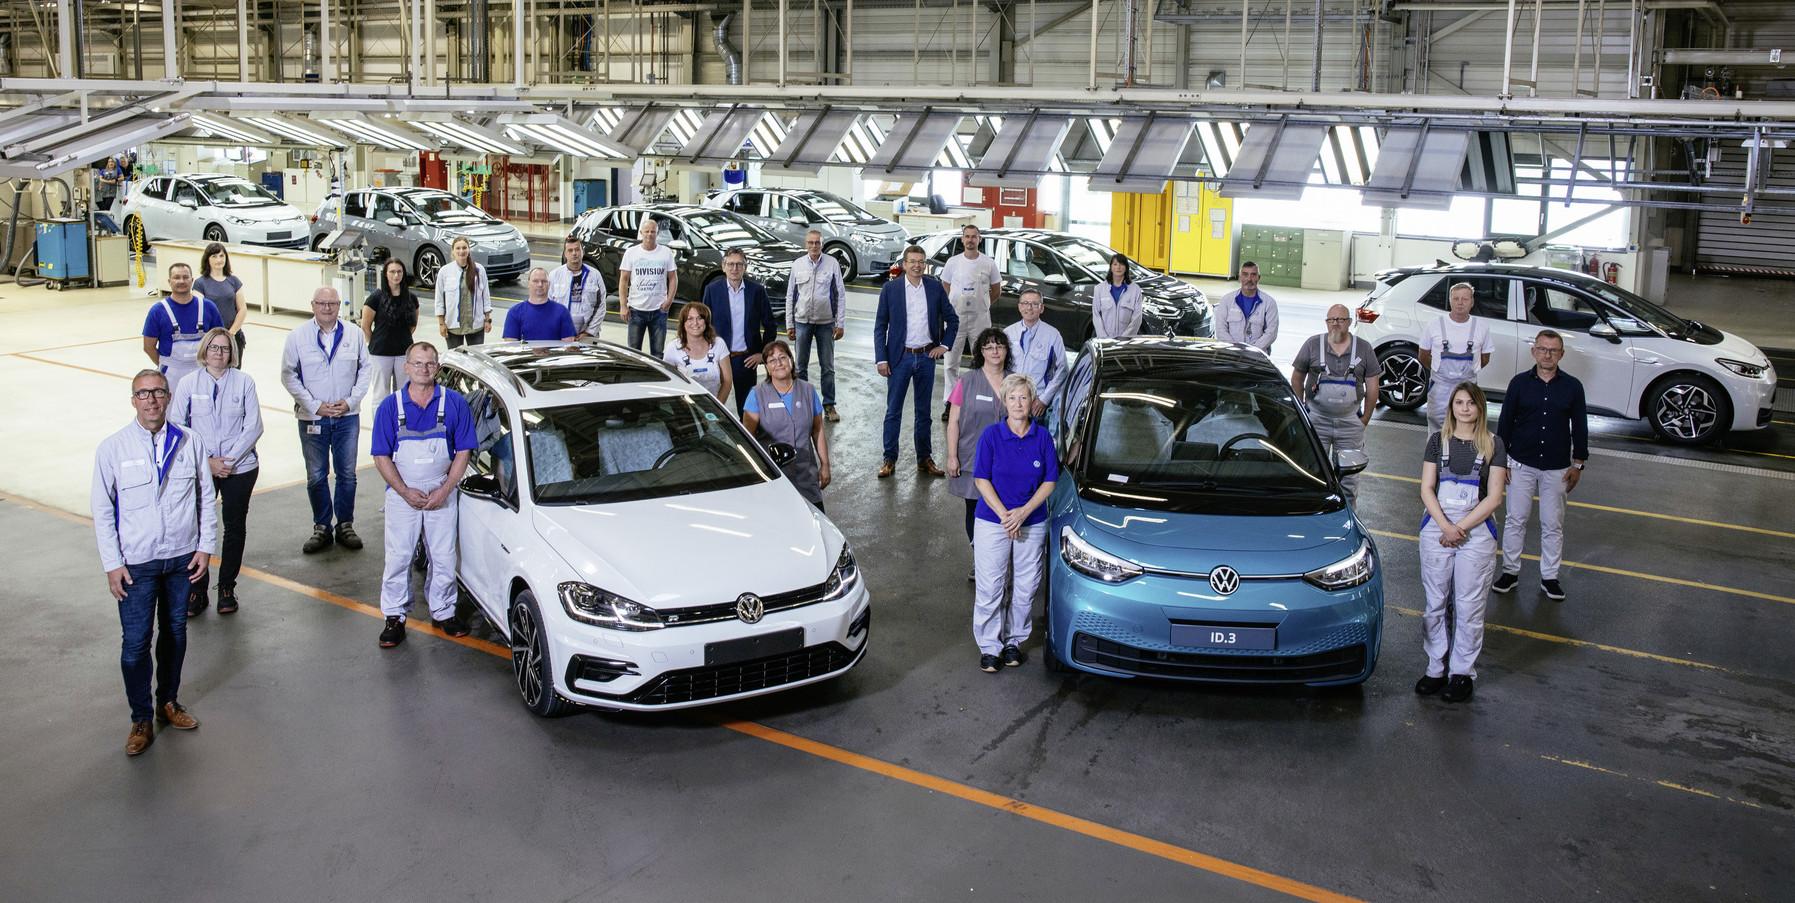 Volkswagen Zwickau factory